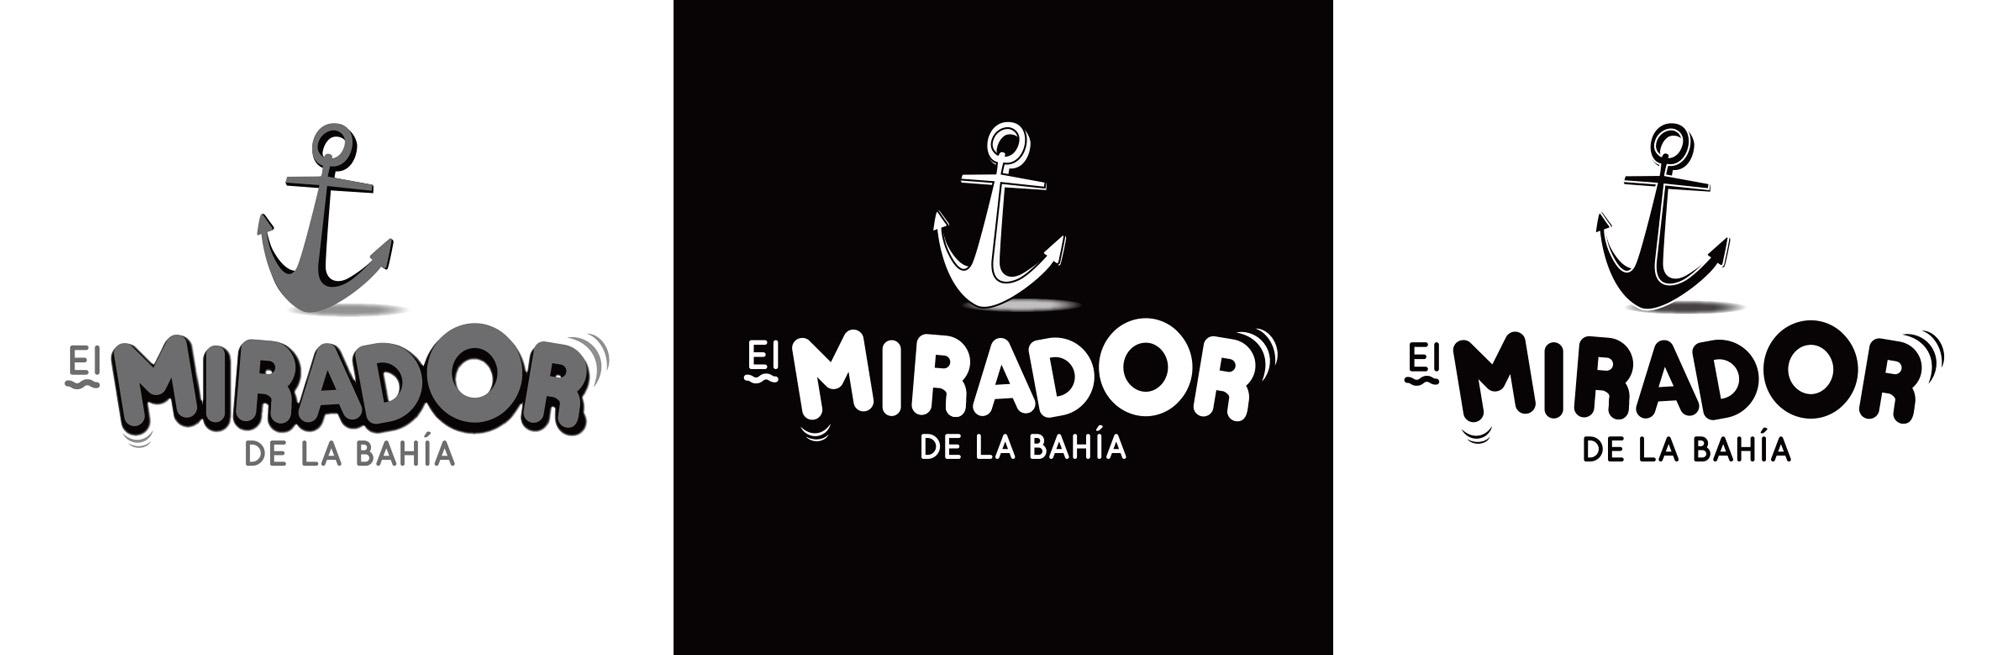 Logotipo en negativo, positivo y escala de grises